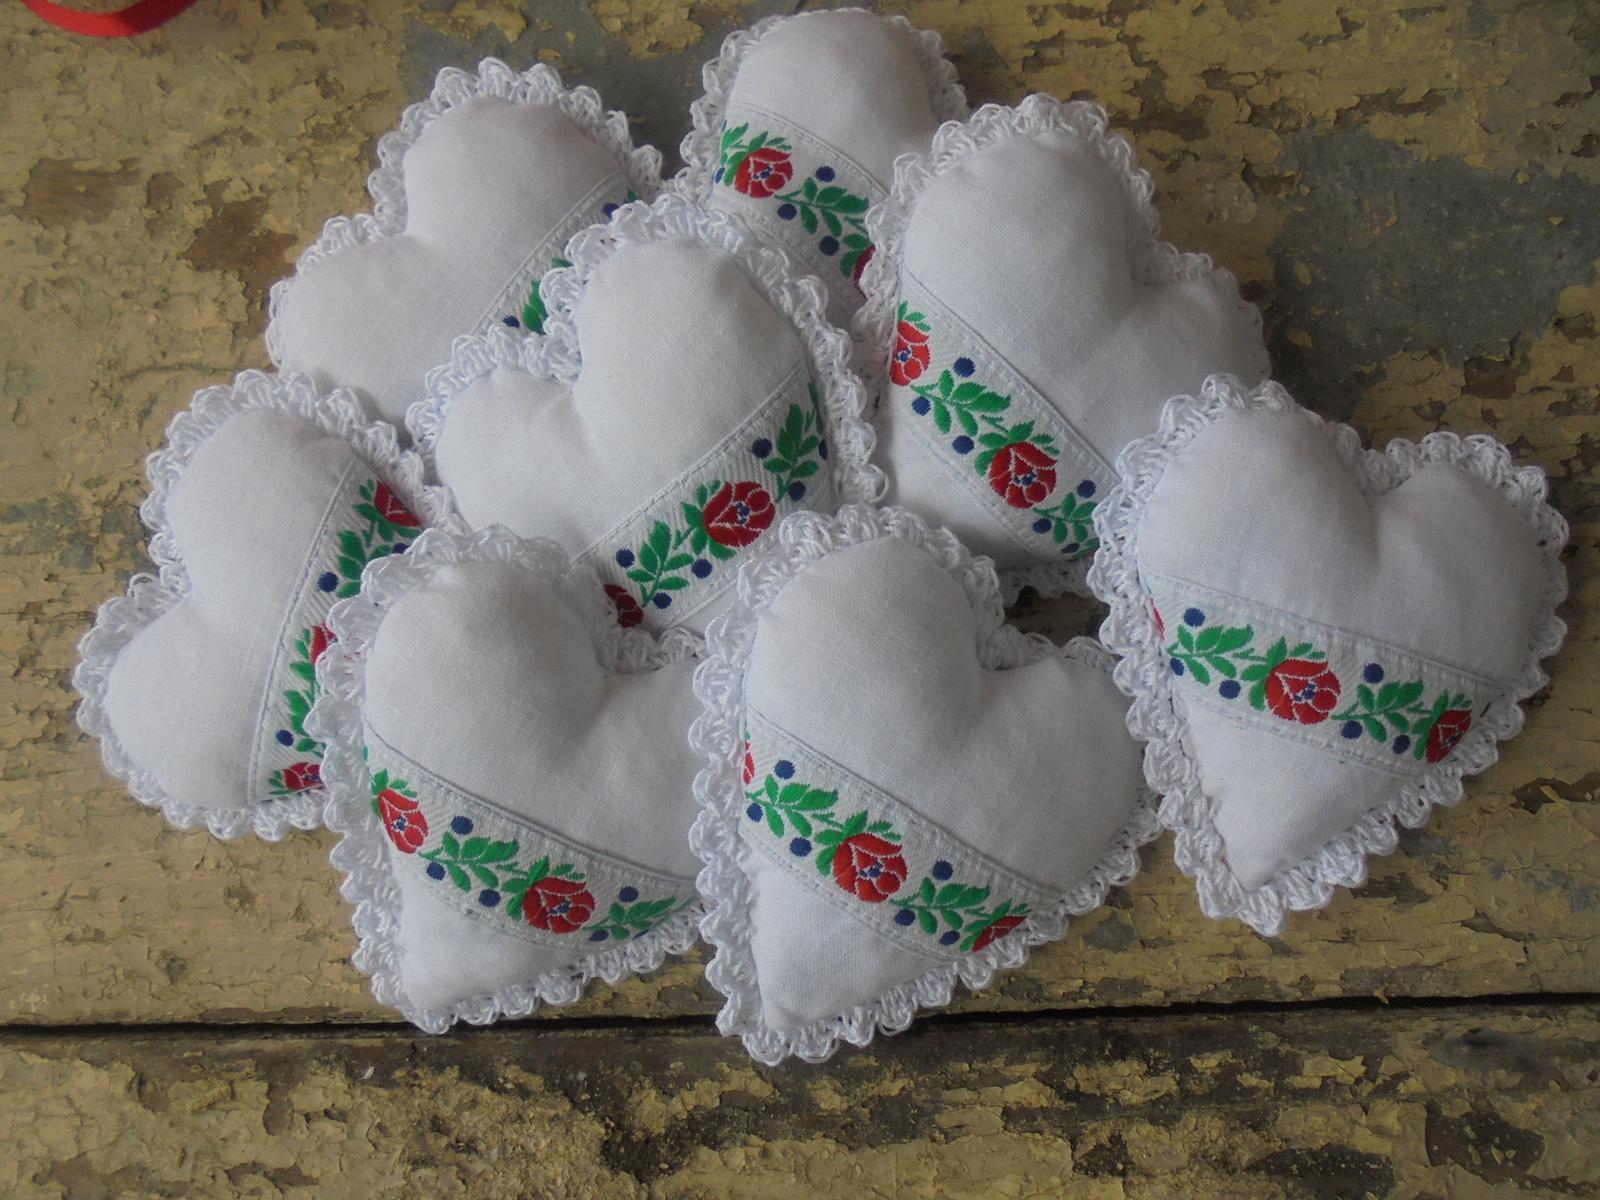 Ľudové svadobné  darčeky.pierka a dekoracie - Obrázok č. 3